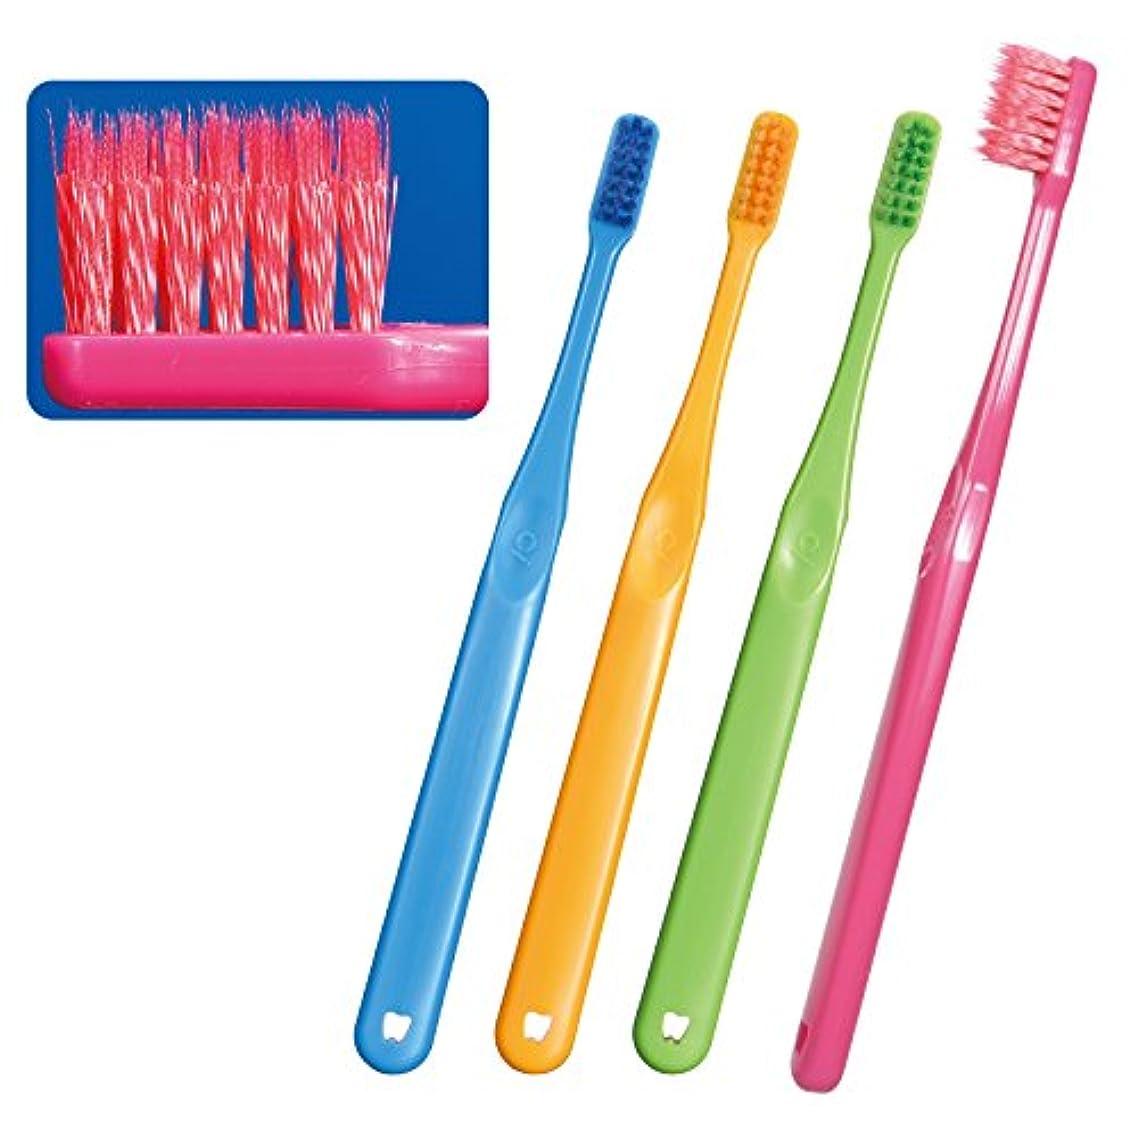 アテンダント東方マルクス主義Ciメディカル Ci PRO PLUS スパイラル 歯ブラシ × 10本 歯科専売品